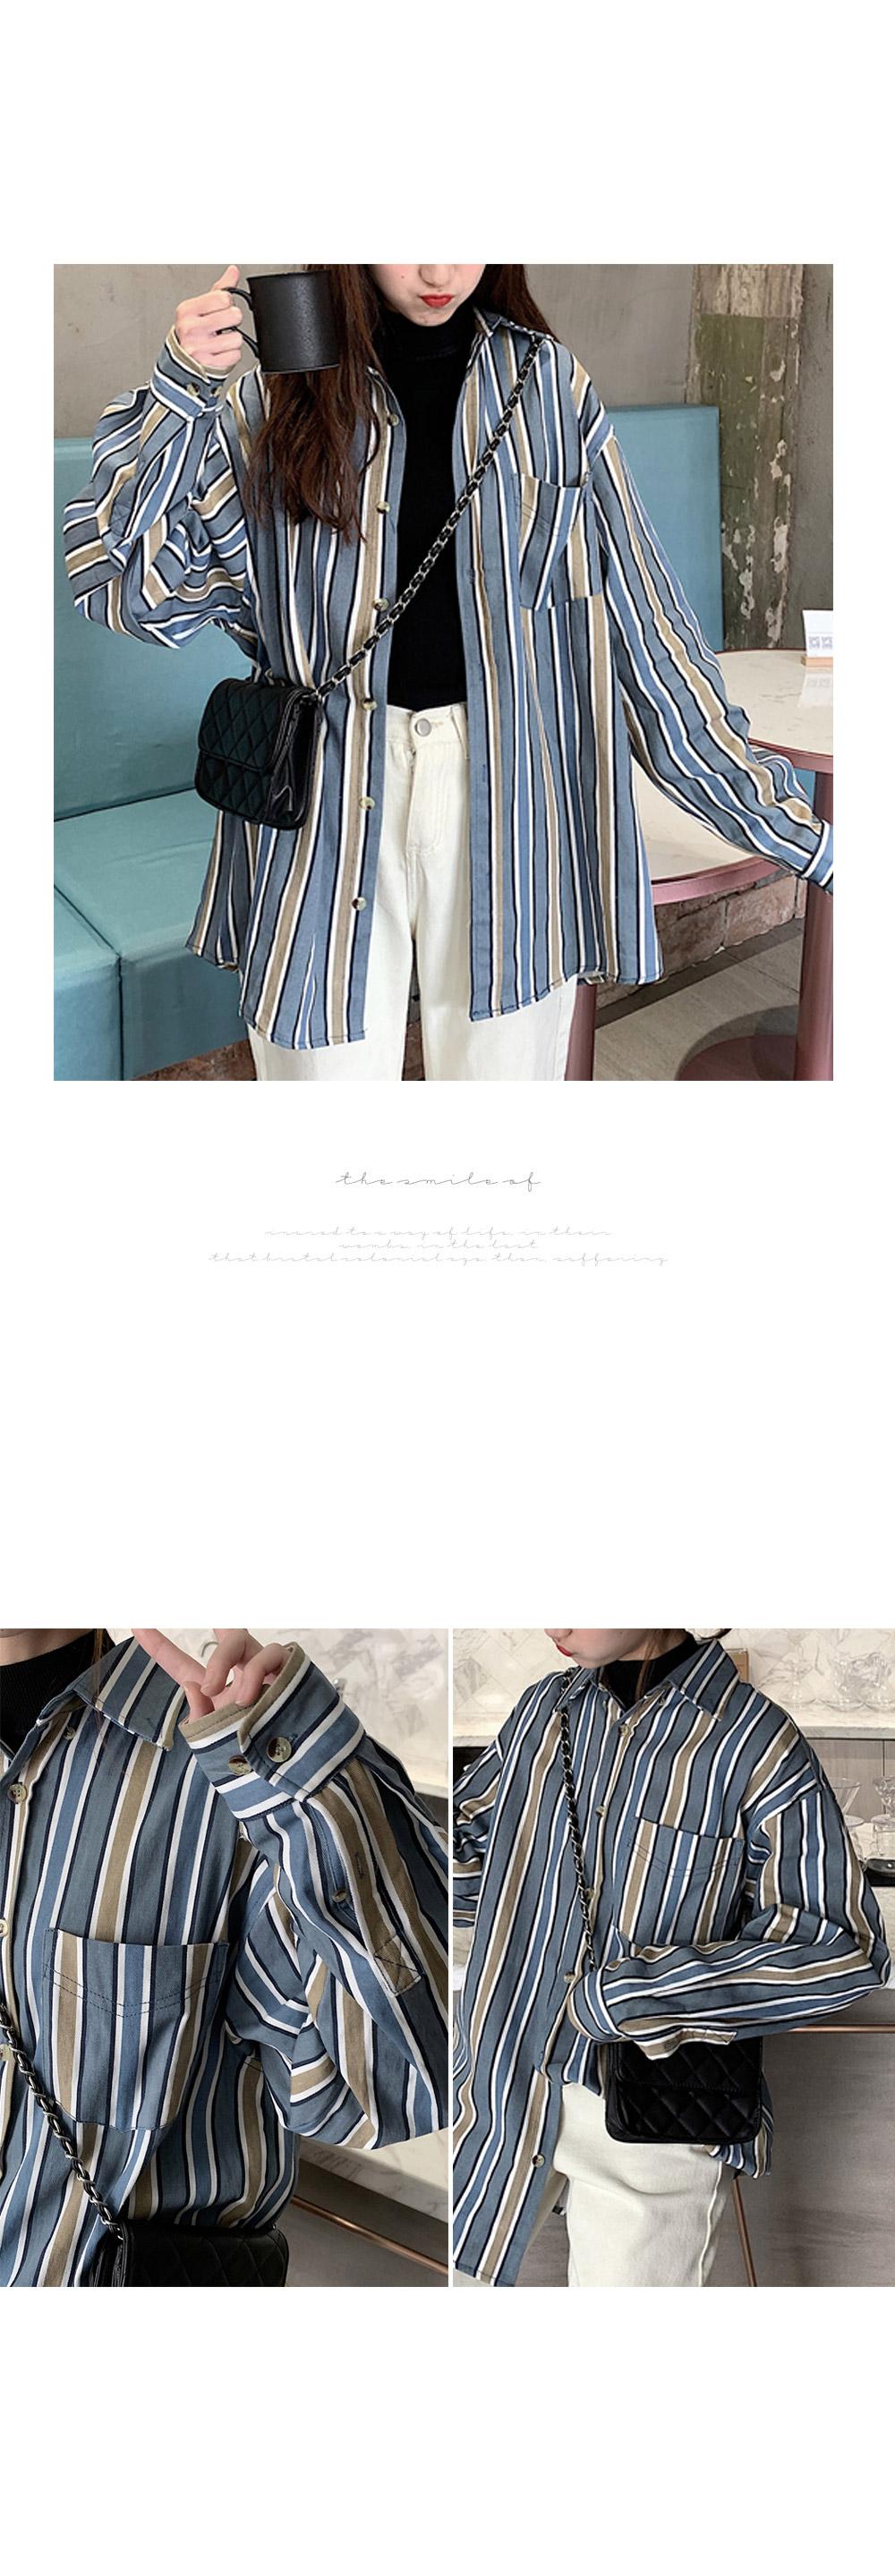 겟잇미 블루 줄지 단가라 배색 남방 - 겟잇미, 30,730원, 상의, 블라우스/셔츠